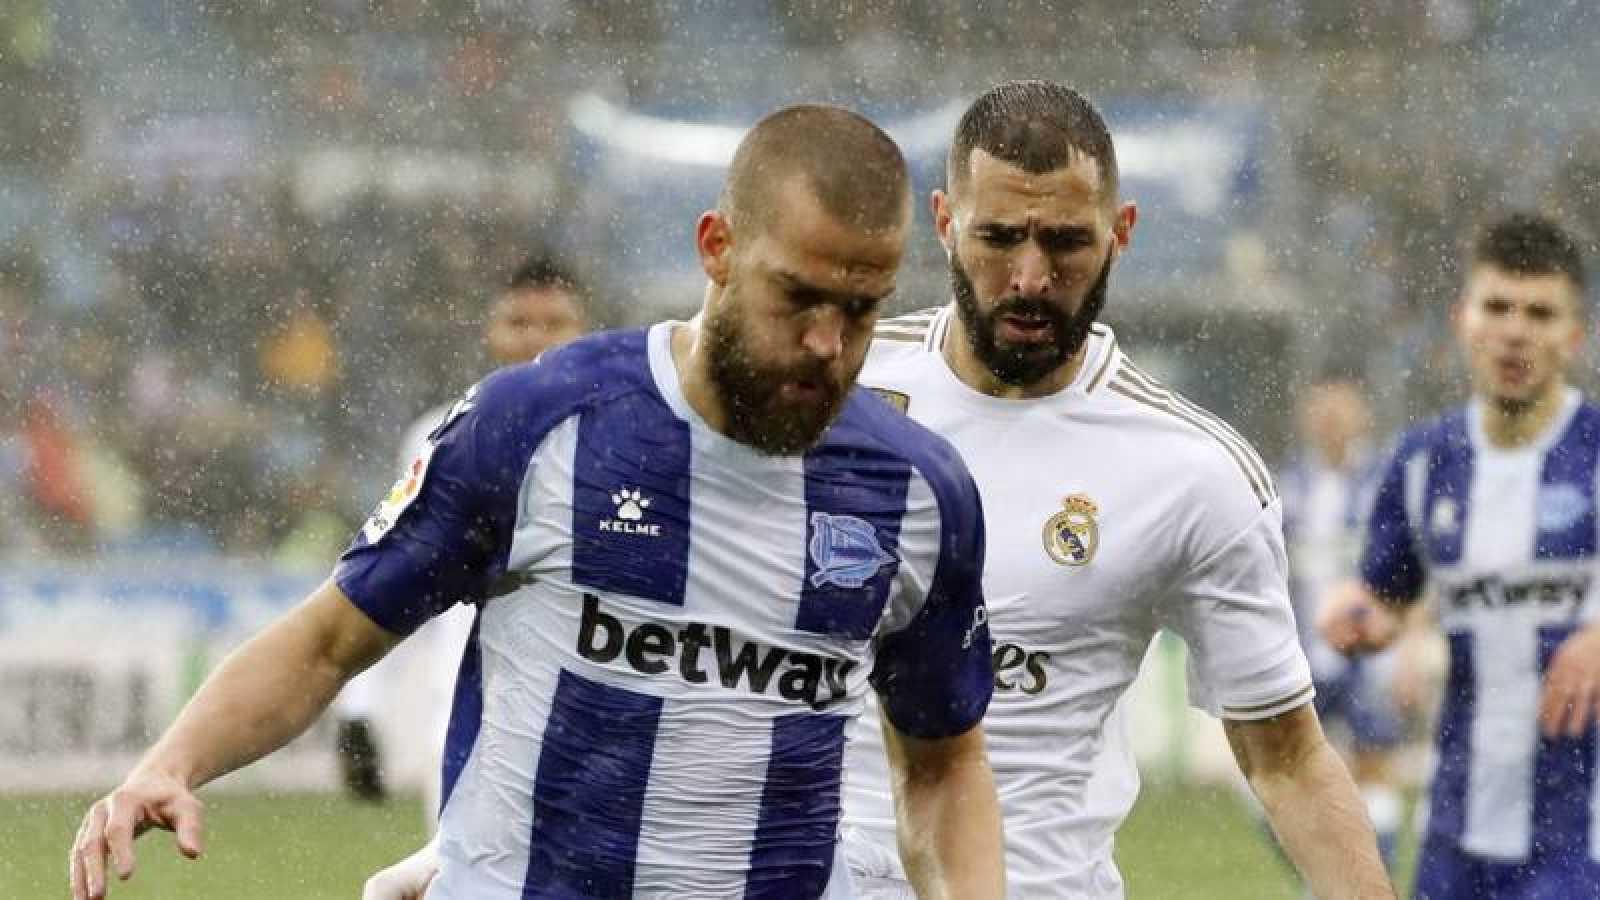 Víctor Laguardia disputa un balón con Karim Benzema, durante el partido correspondiente a la jornada 15 de LaLiga.